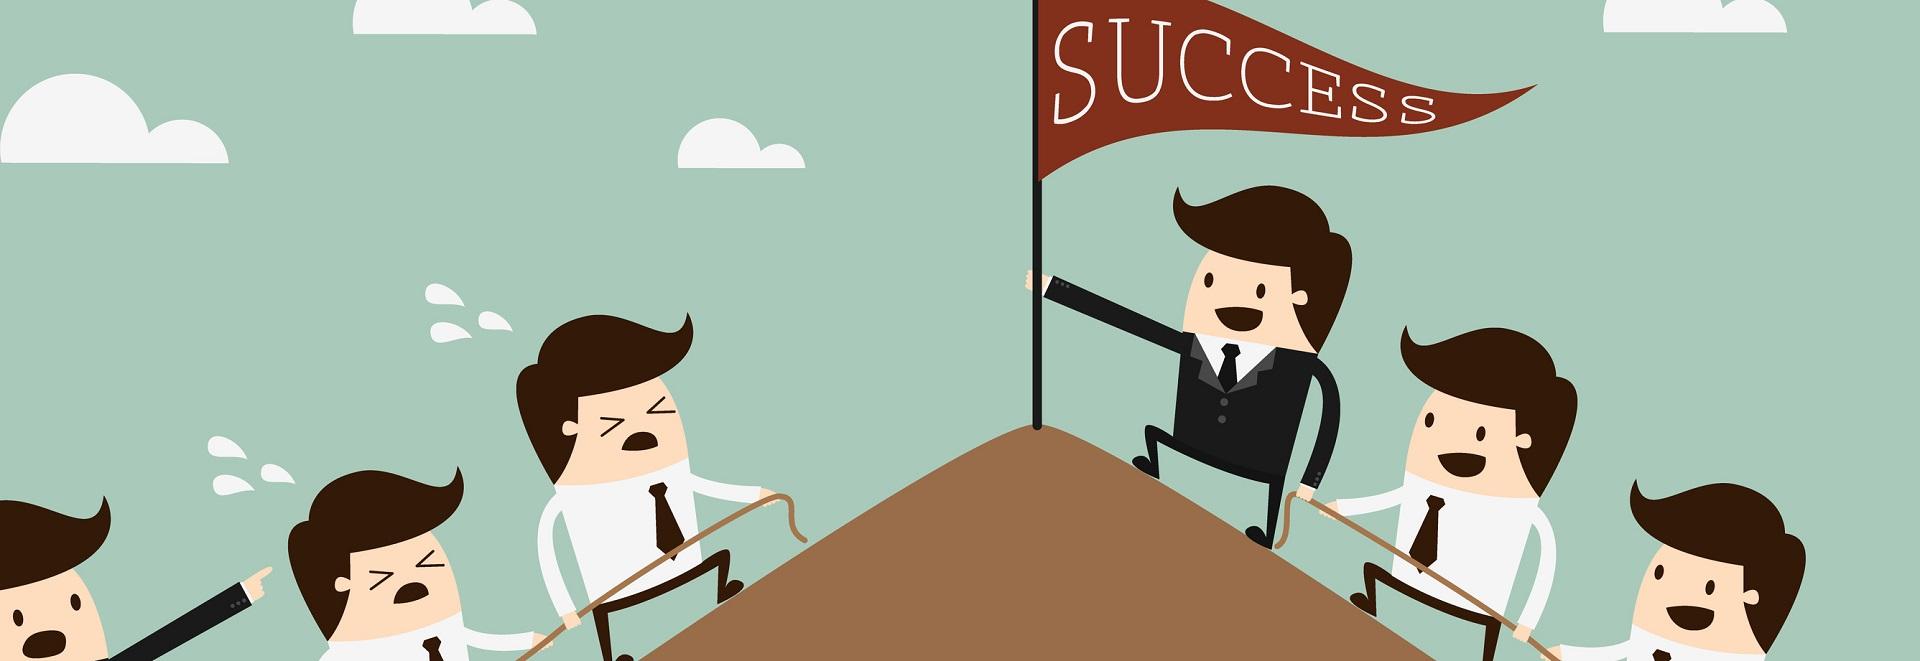 Nghệ thuật đánh giá đối thủ cạnh tranh thời buổi kinh doanh công nghệ ngày  nay